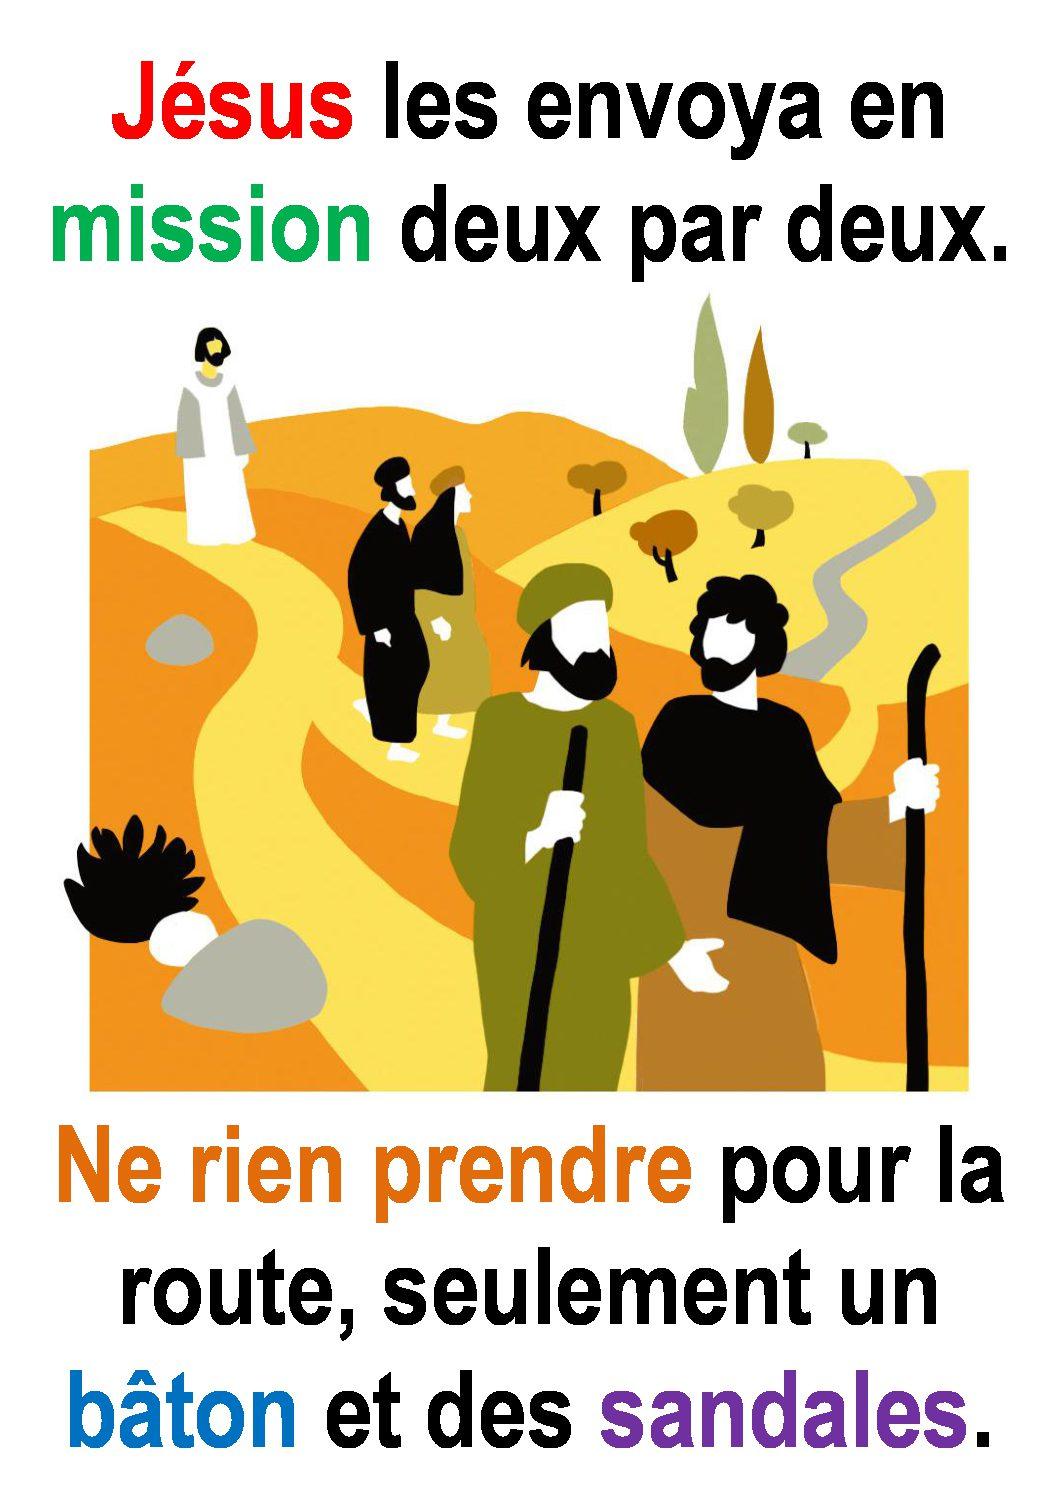 15ième Dimanche du Temps Ordinaire (Mc 6,7-13) – par Francis COUSIN